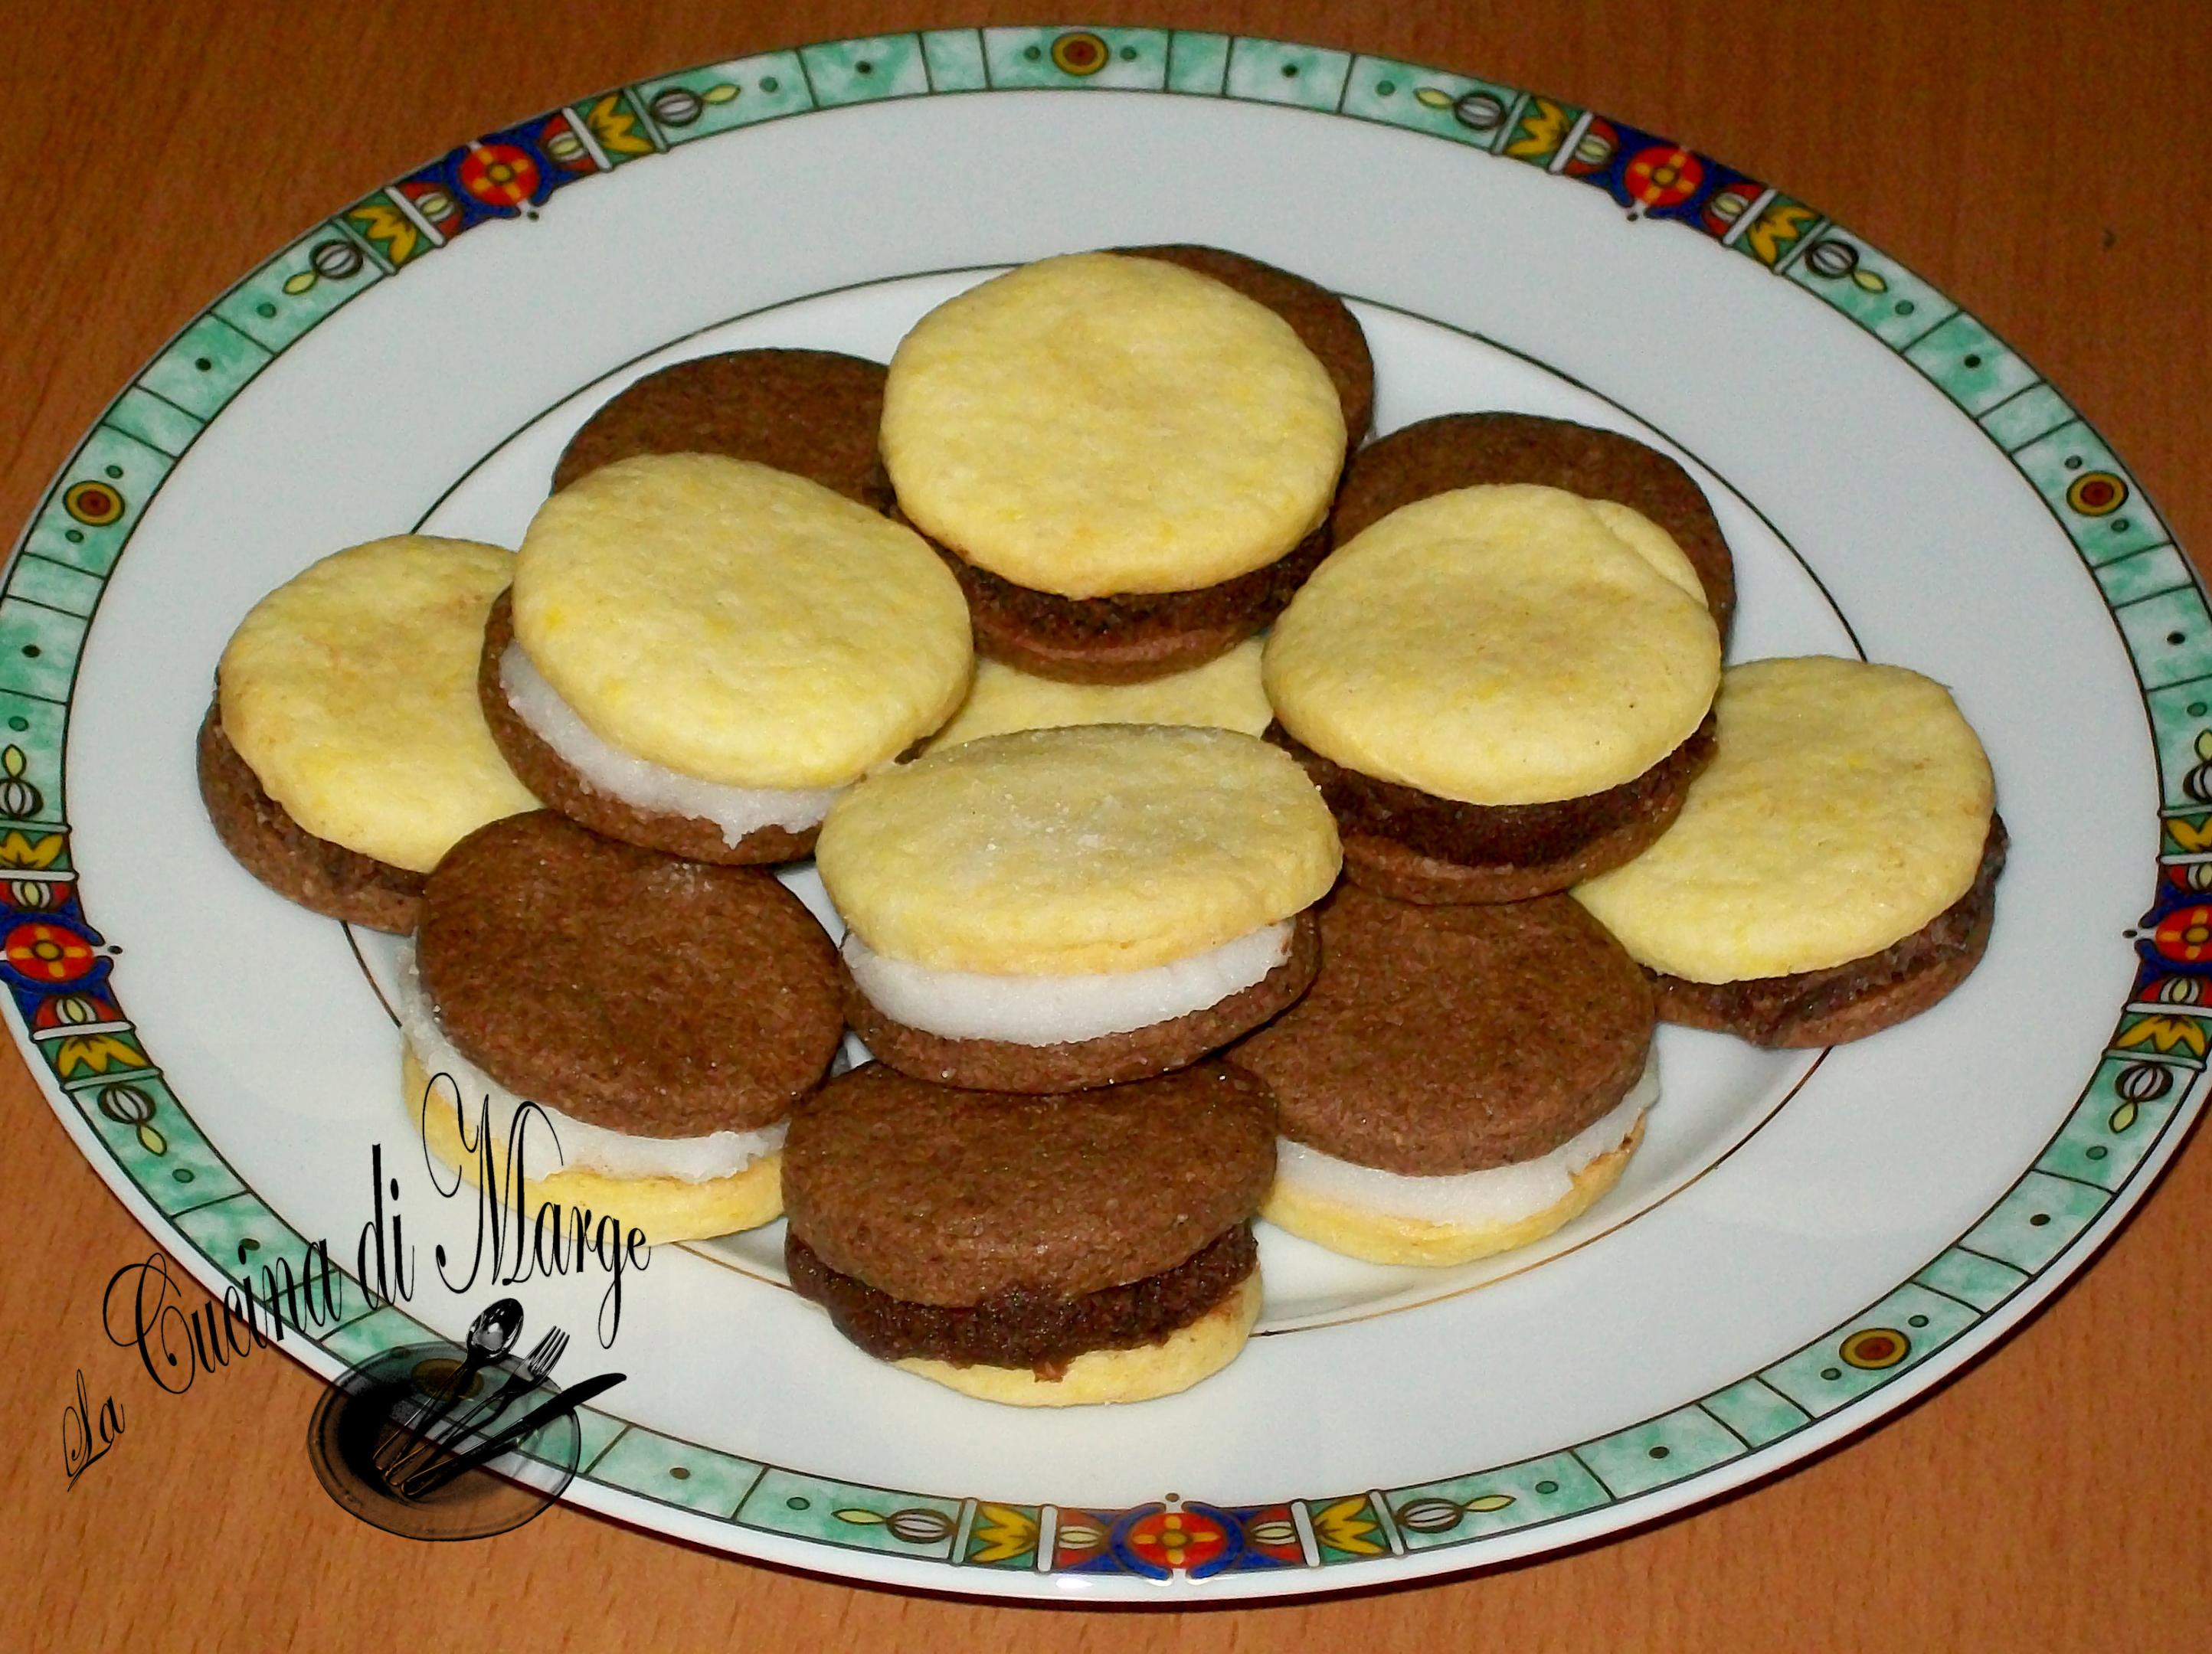 Ringo fatti in casa ricetta biscotti - Faretti in casa ...